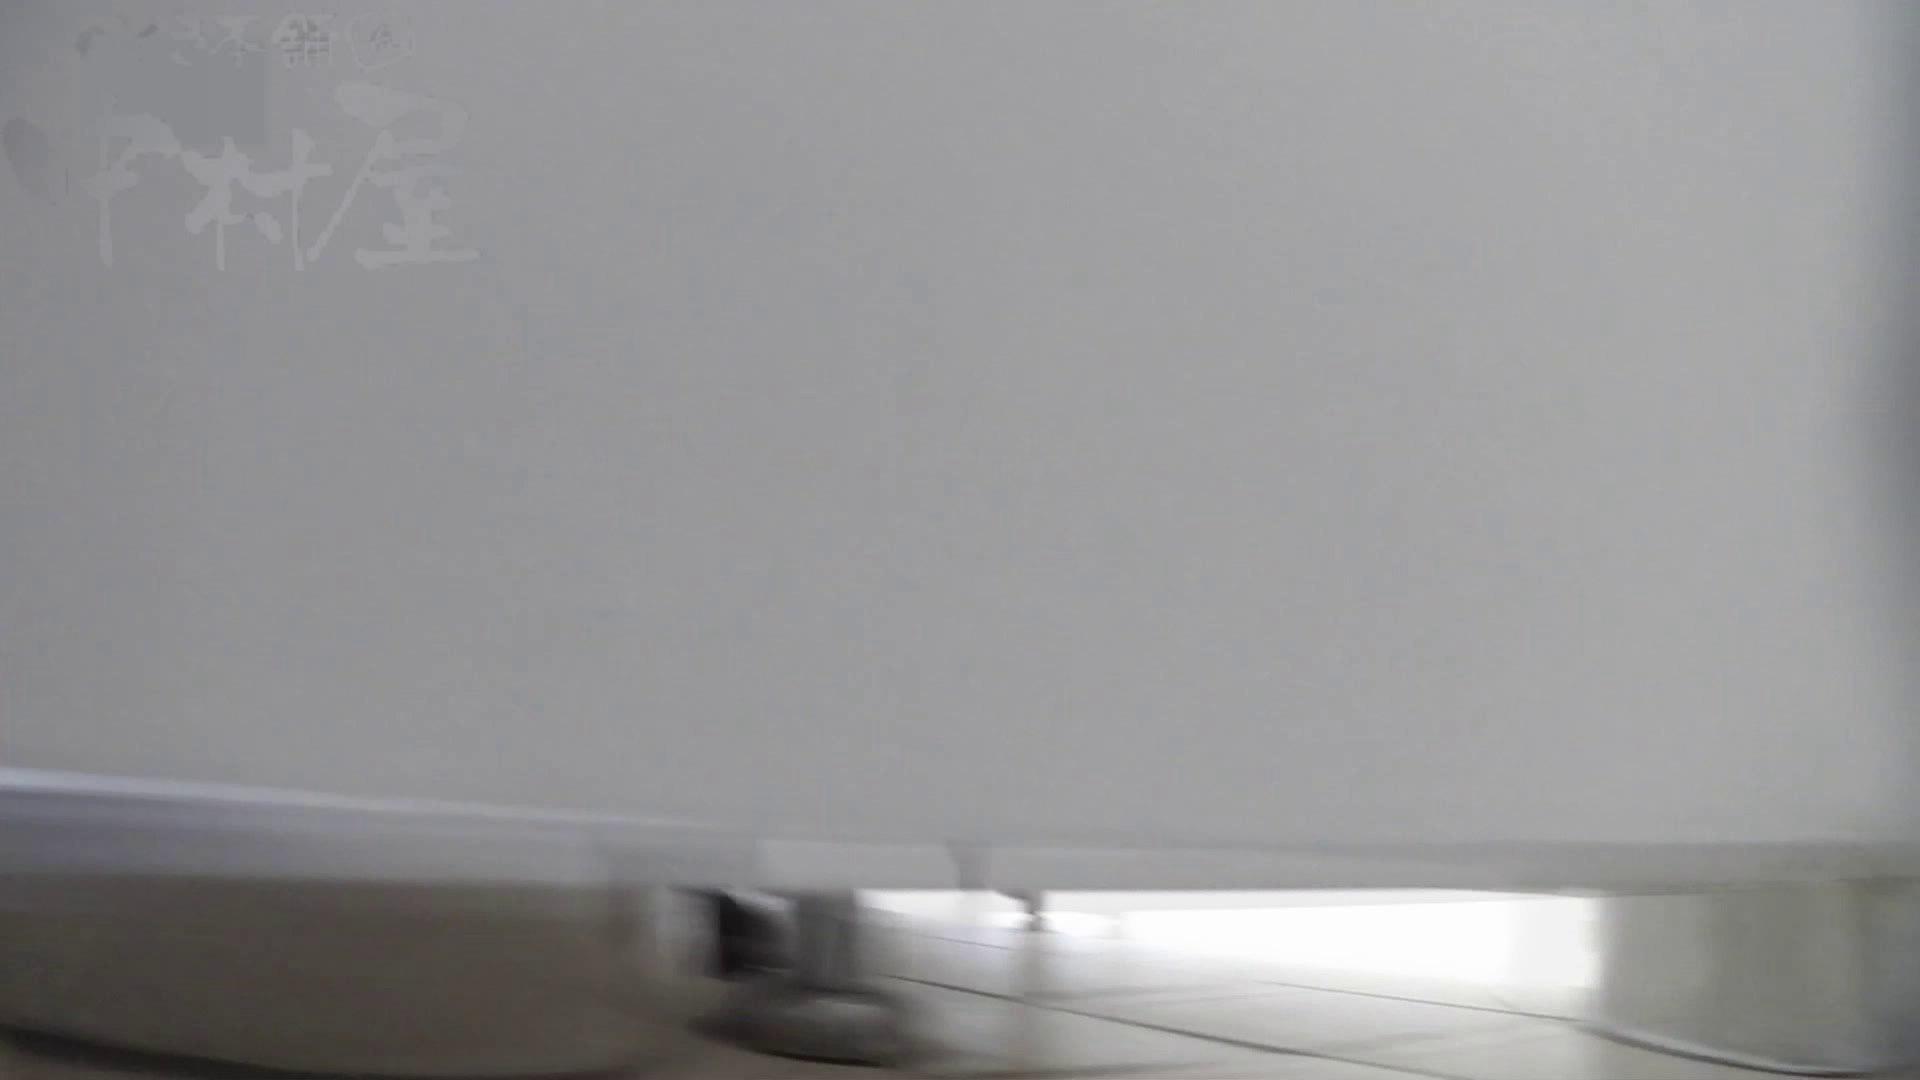 美しい日本の未来 No.06 更に侵入フロント究極な画質 盗撮 戯れ無修正画像 104枚 74